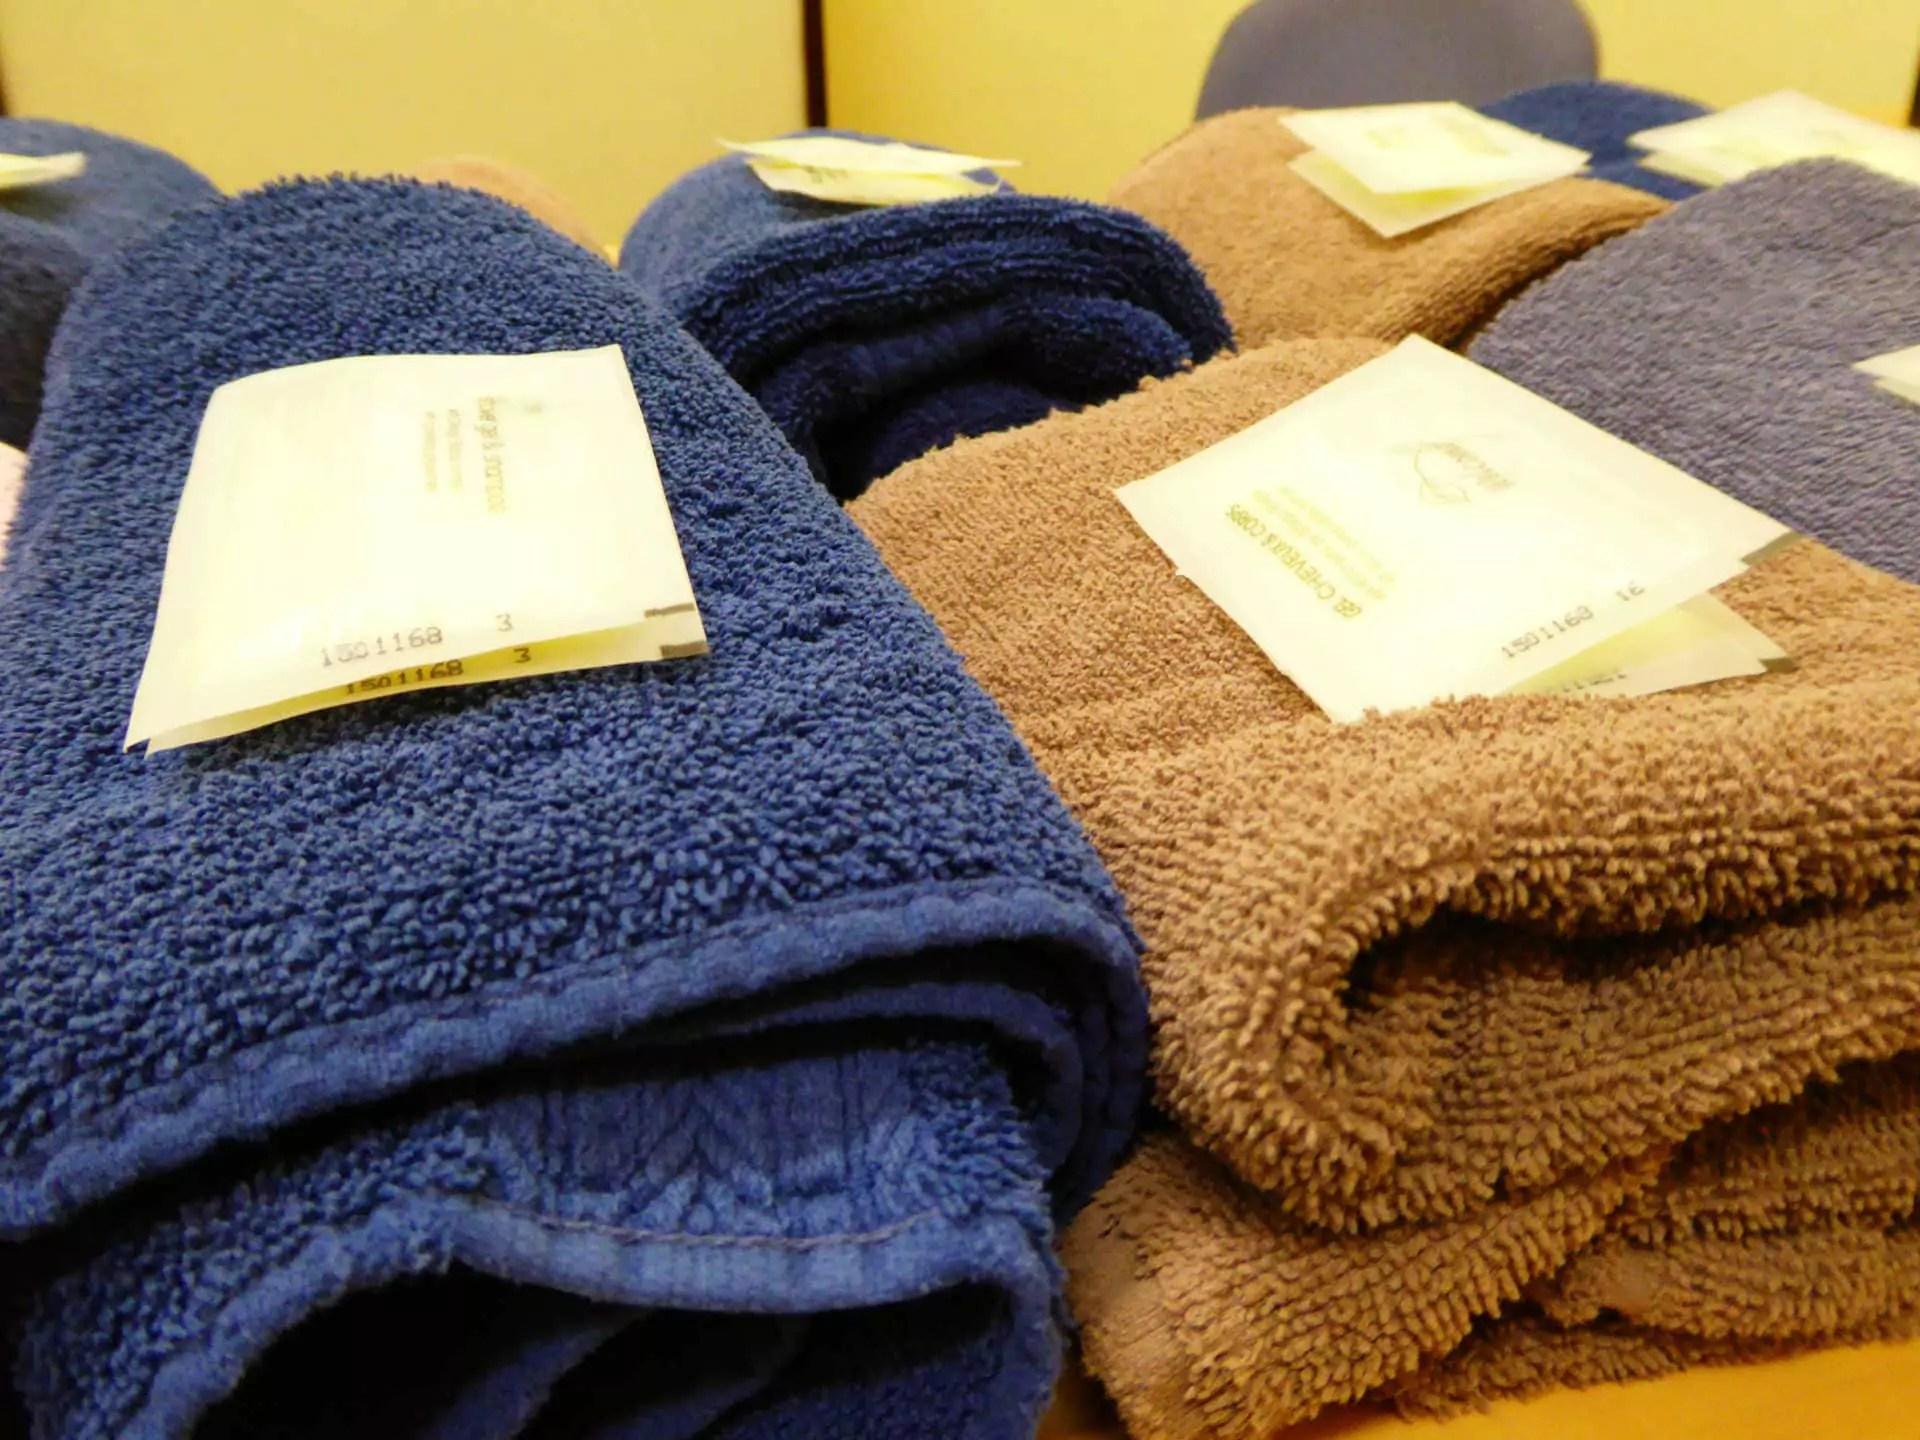 A l'entrée, des serviettes et des savons individuels sont mis à la disposition des usagés